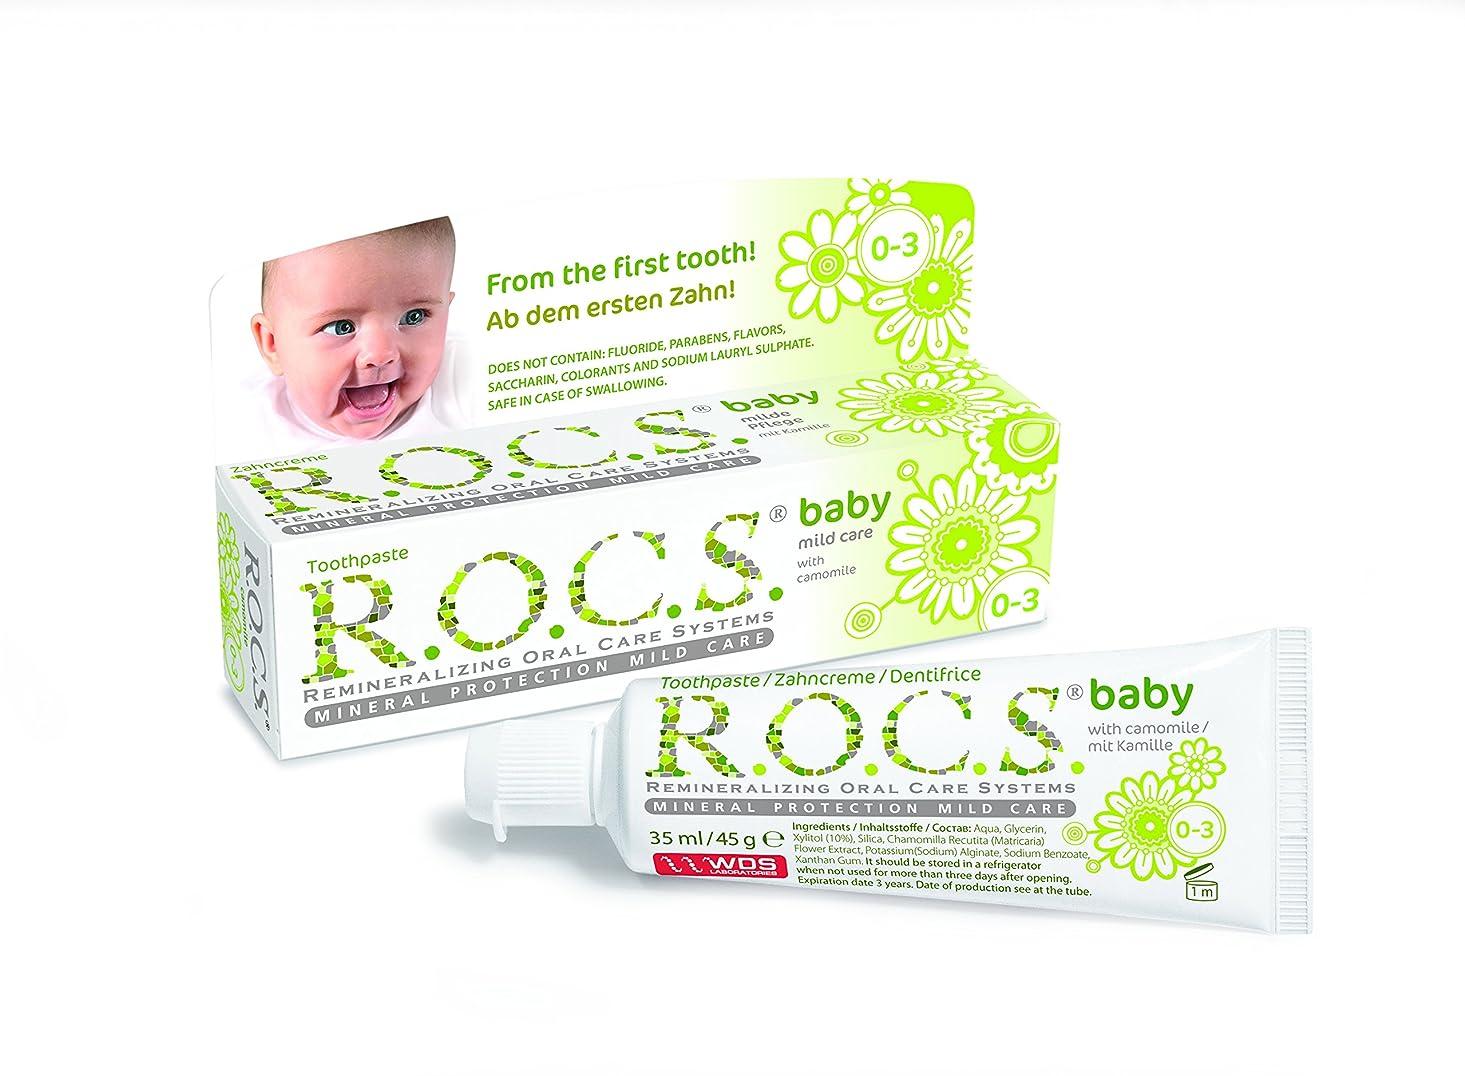 目覚めるの量味方R.O.C.S. ロックス歯磨き粉 ベビー用マイルドケア カモミール